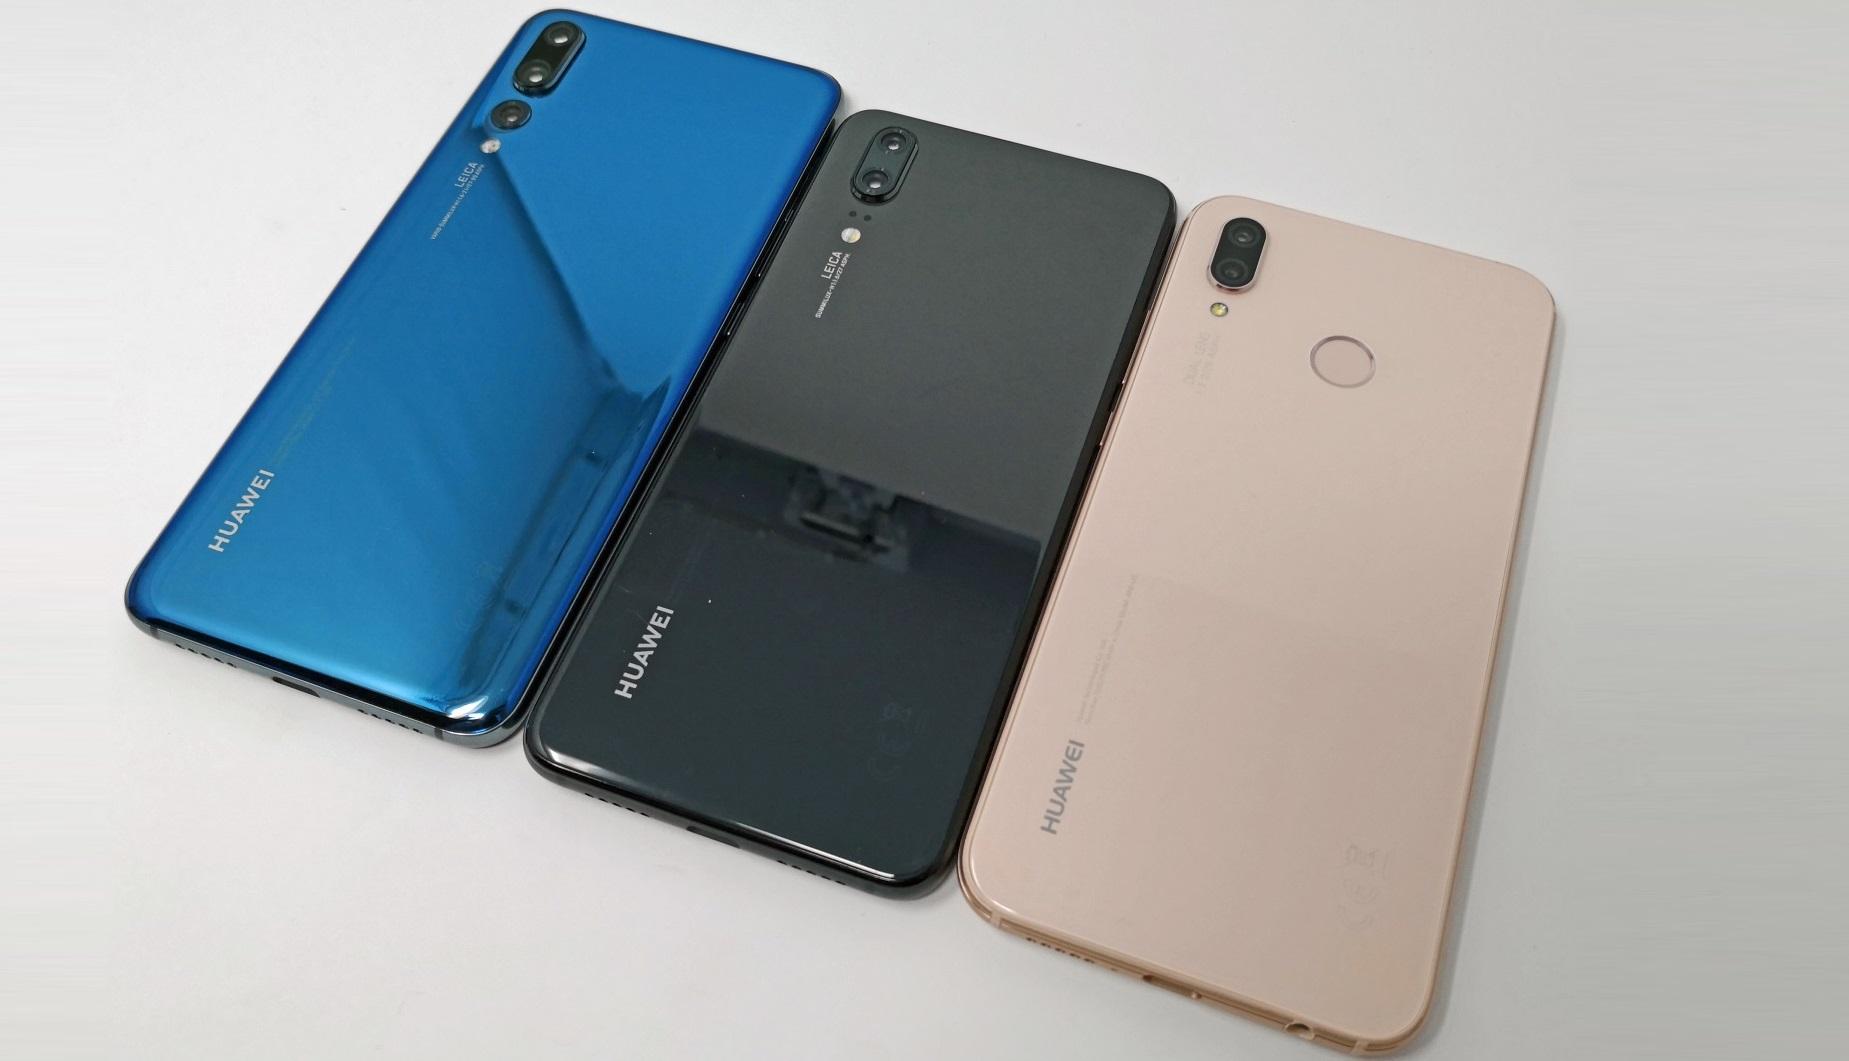 Von links nach rechts: Huawei P20 Pro, P20 und P20 lite